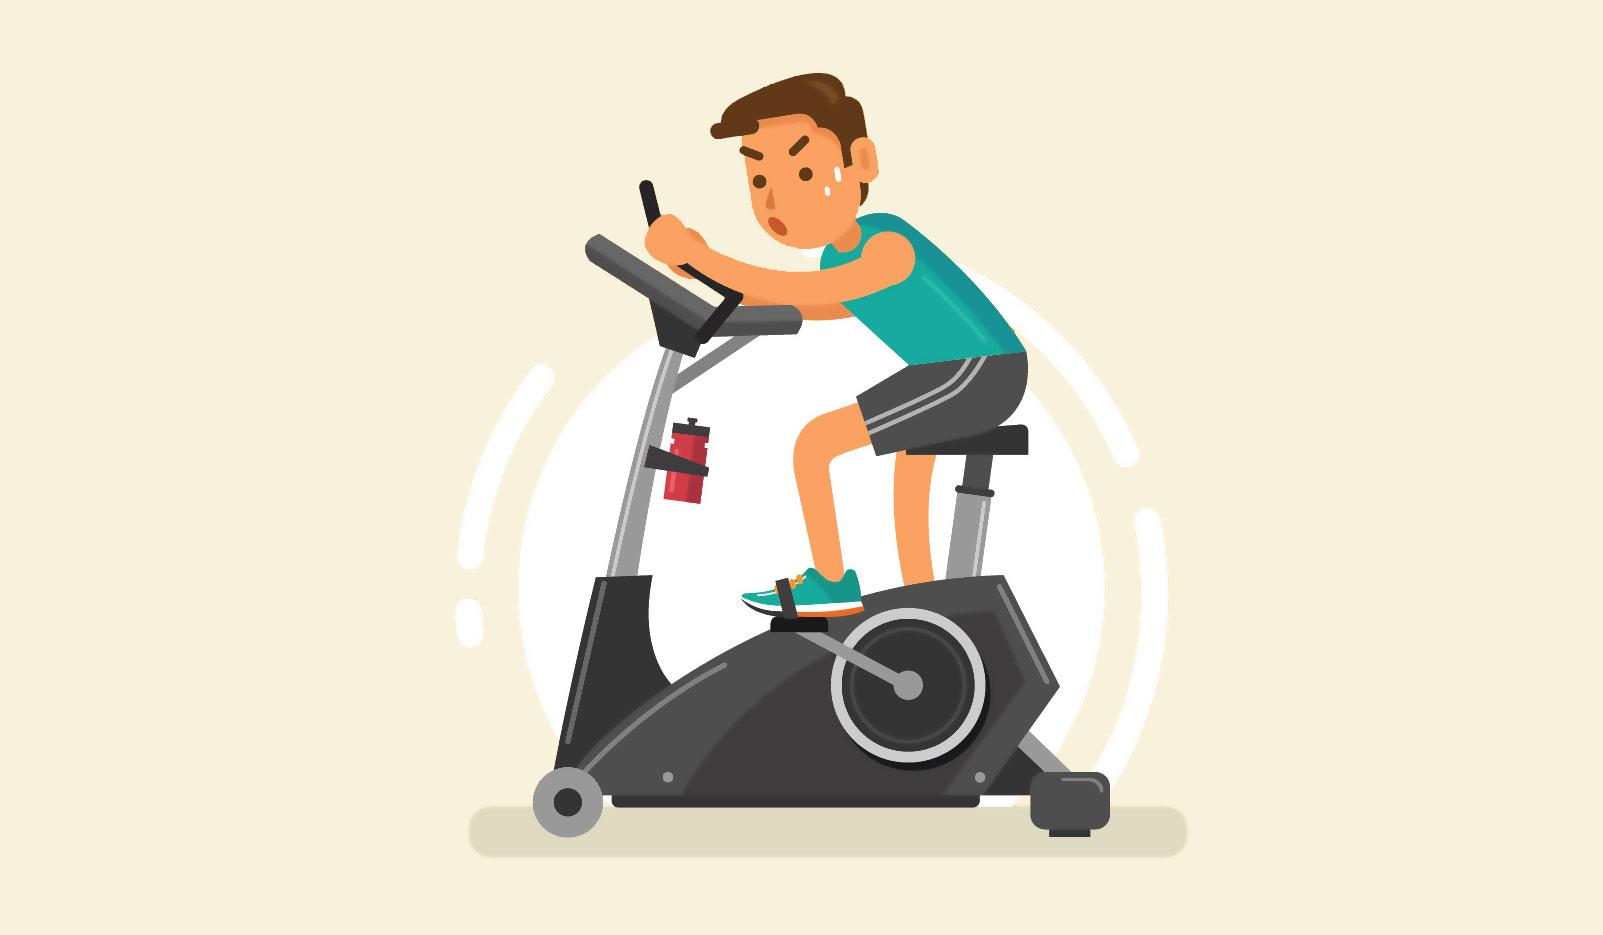 крутить велосипед для похудения дома